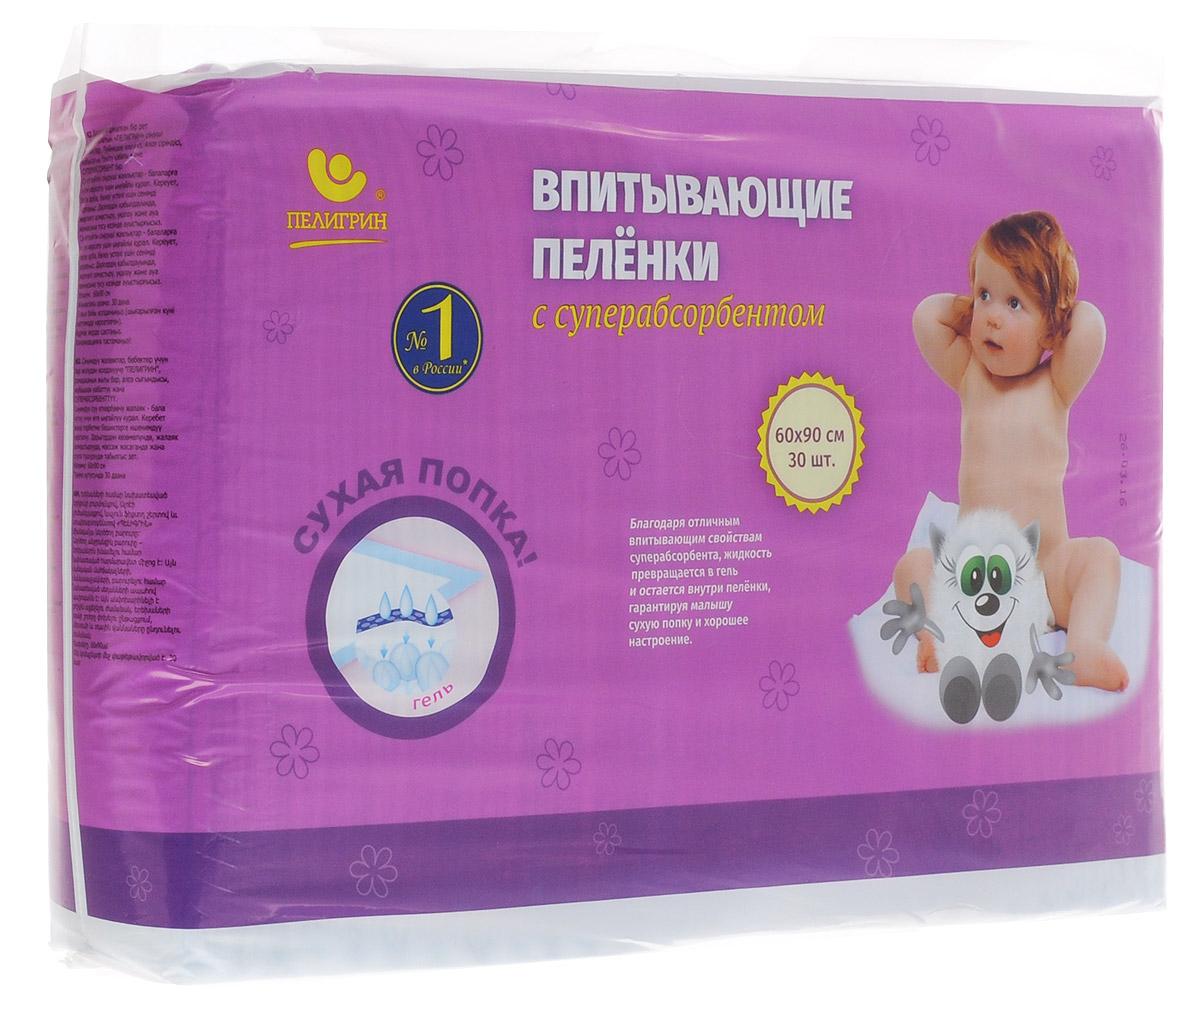 Пелигрин Впитывающие детские пеленки 60 х 90 см 30 шт одноразовые пеленки цена в аптеке поштучно